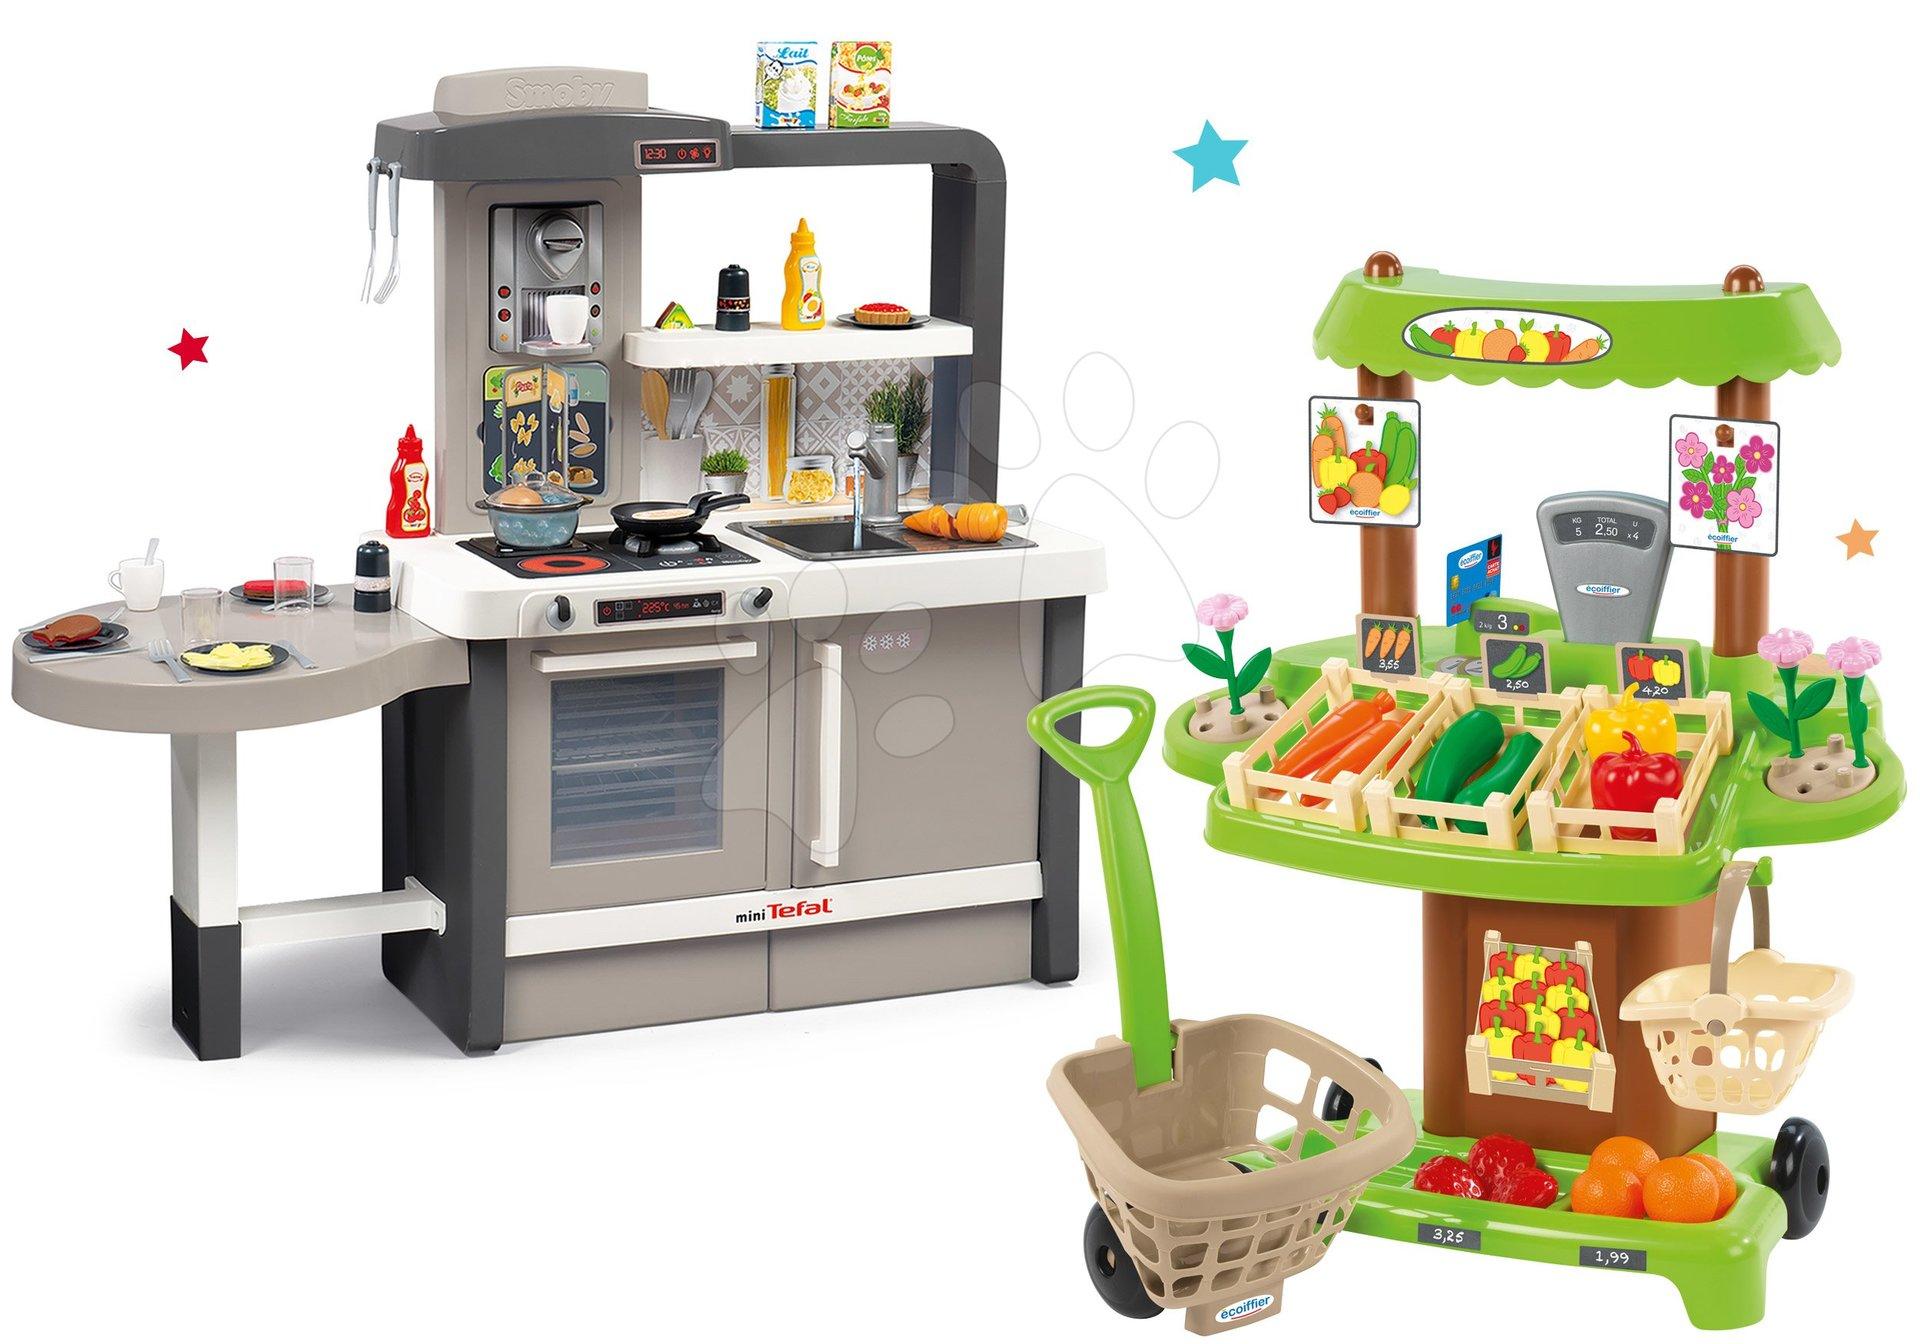 Set kuchyňka rostoucí s tekoucí vodou Tefal Evolutive Smoby a zeleninový Bio stánek s vozíkem Organic 100% Chef